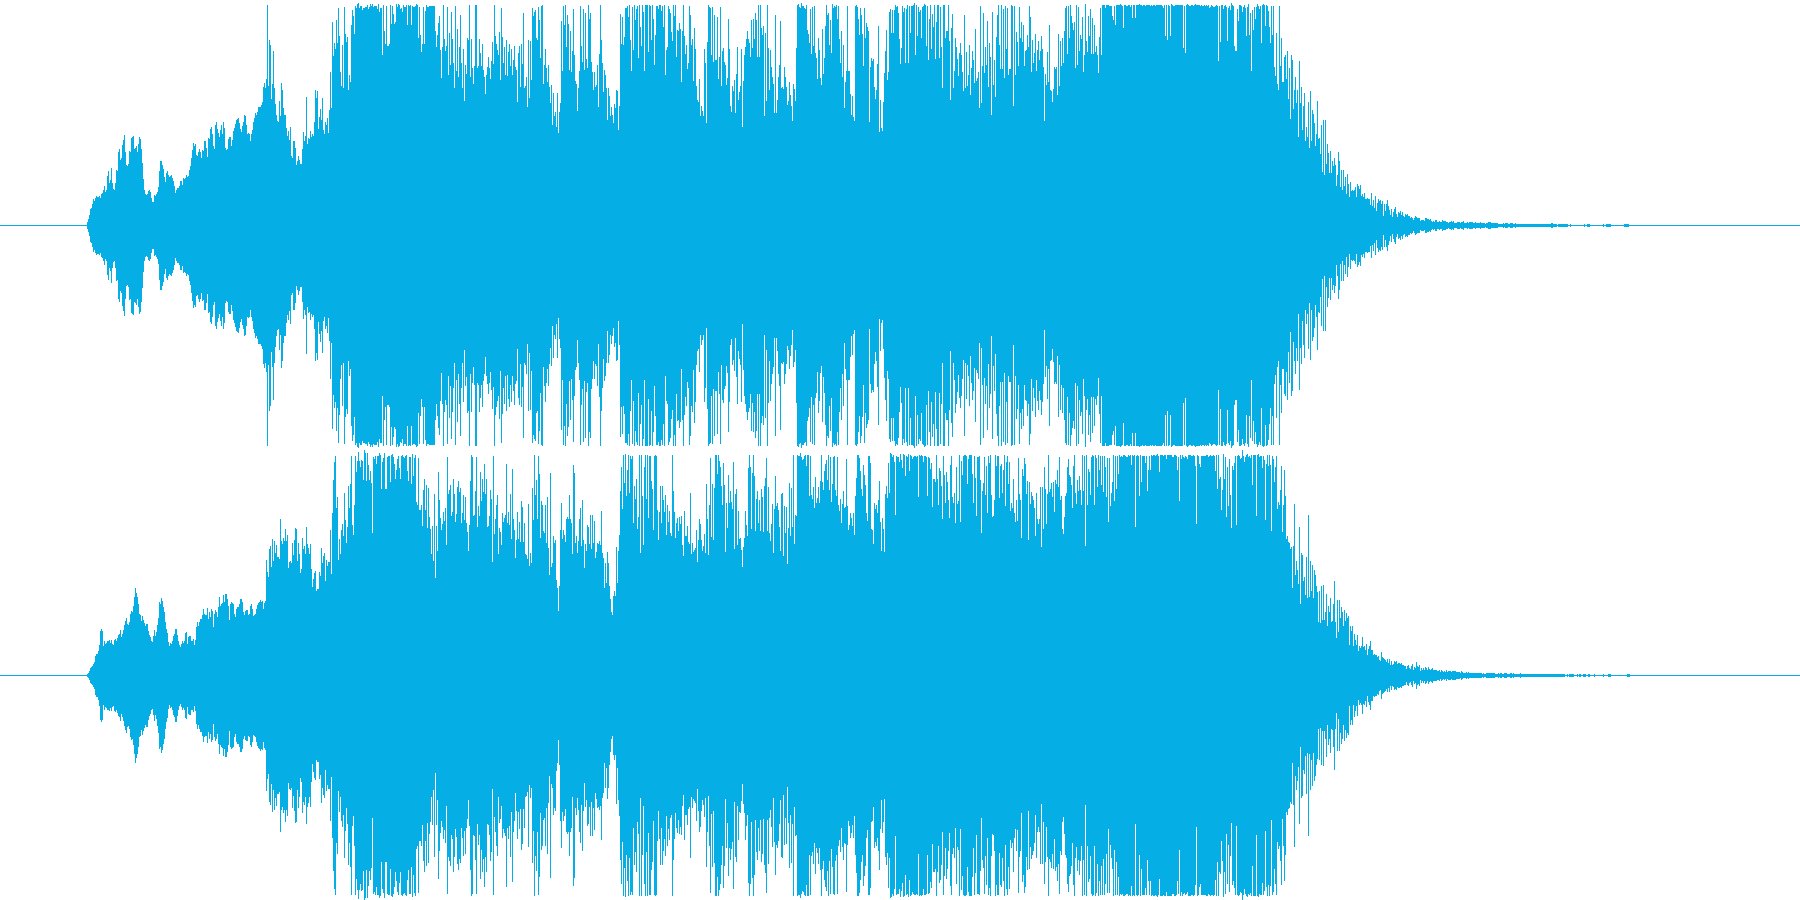 イベントオープニングジングル 2の再生済みの波形